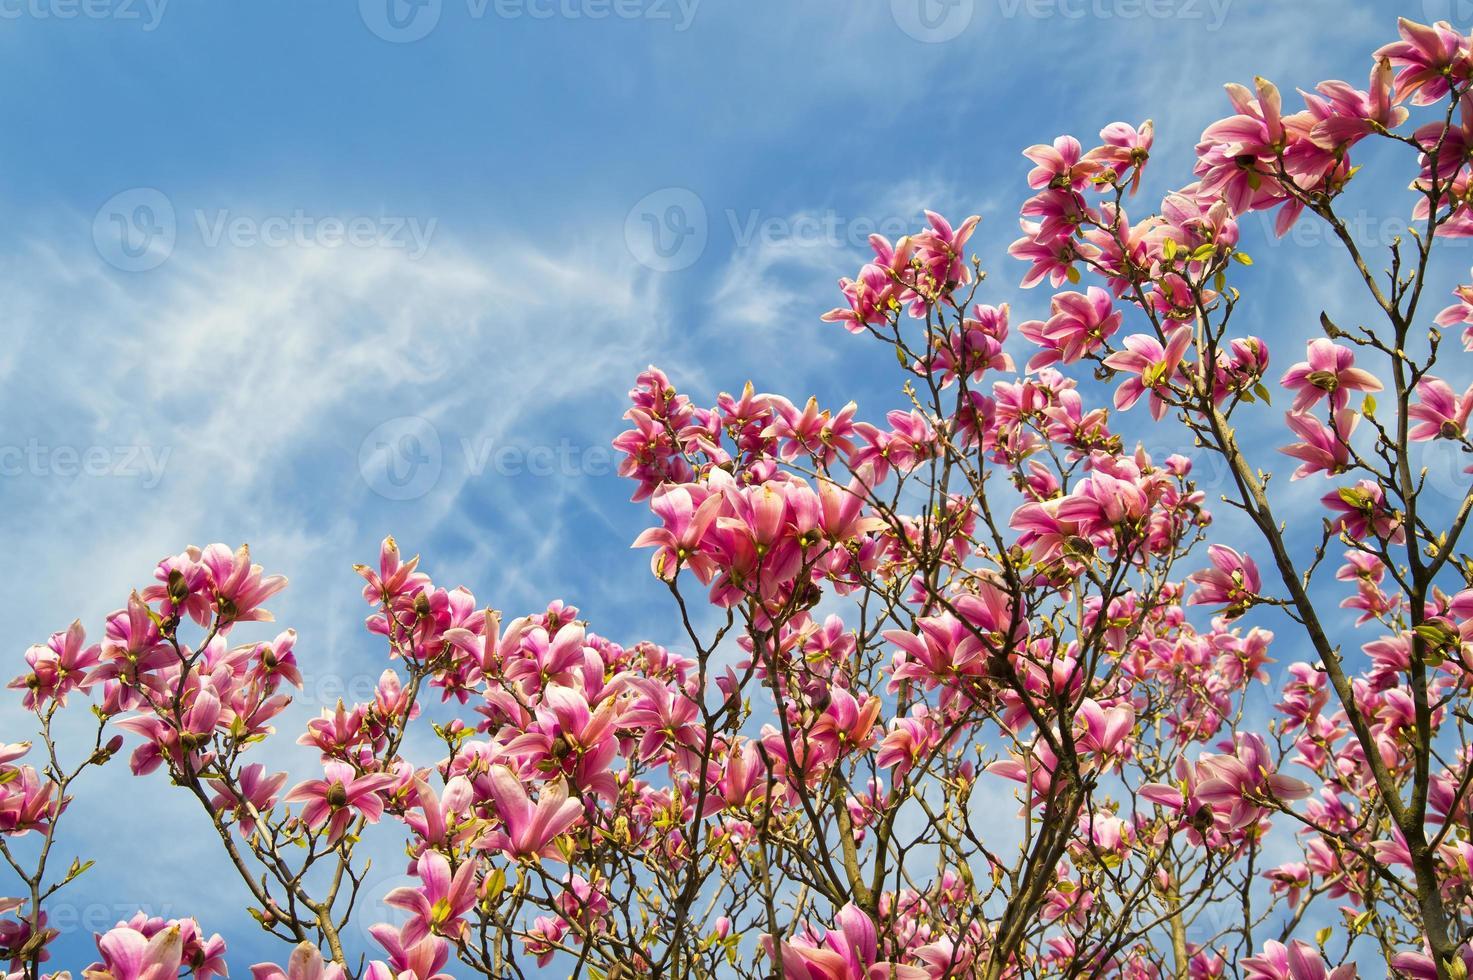 rosa magnoliaträd över blå himmel foto